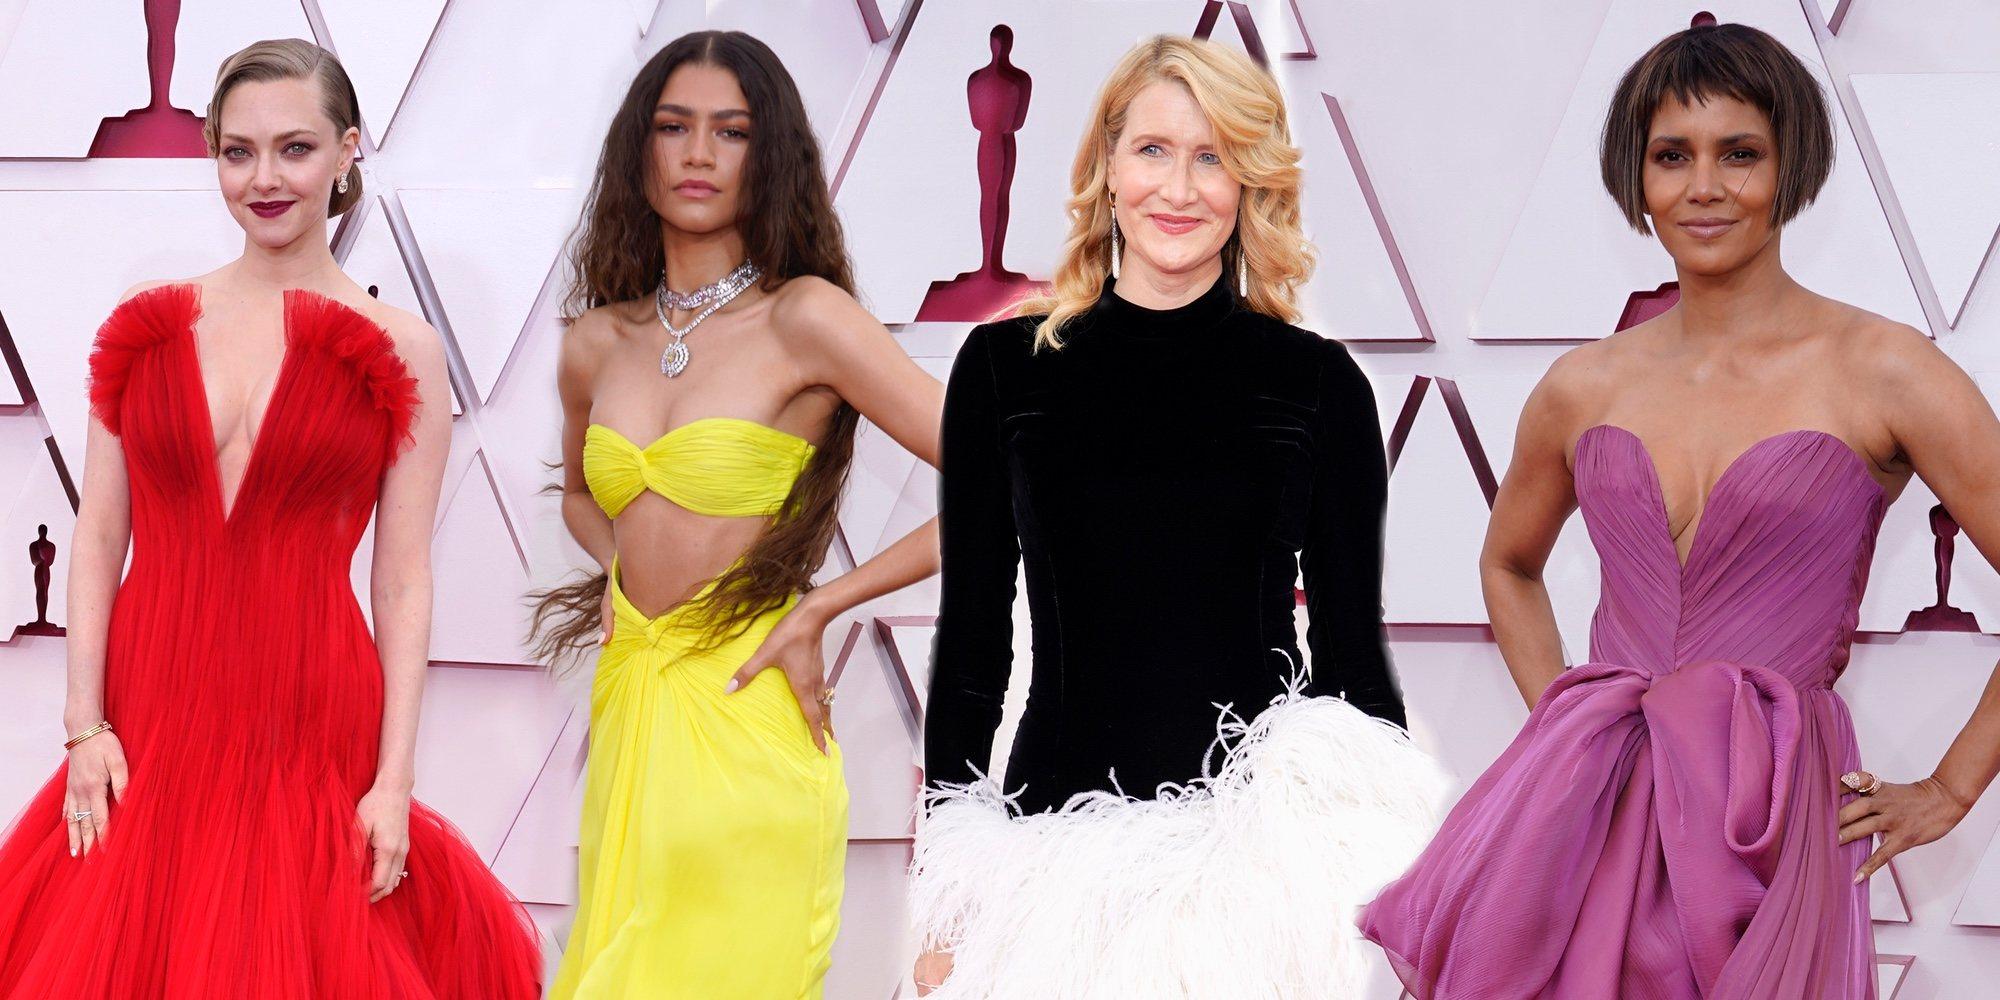 Muy colorida y sin mascarillas: Así ha sido la alfombra roja de los Premios Oscar 2021 que recuerda a las pre-covid